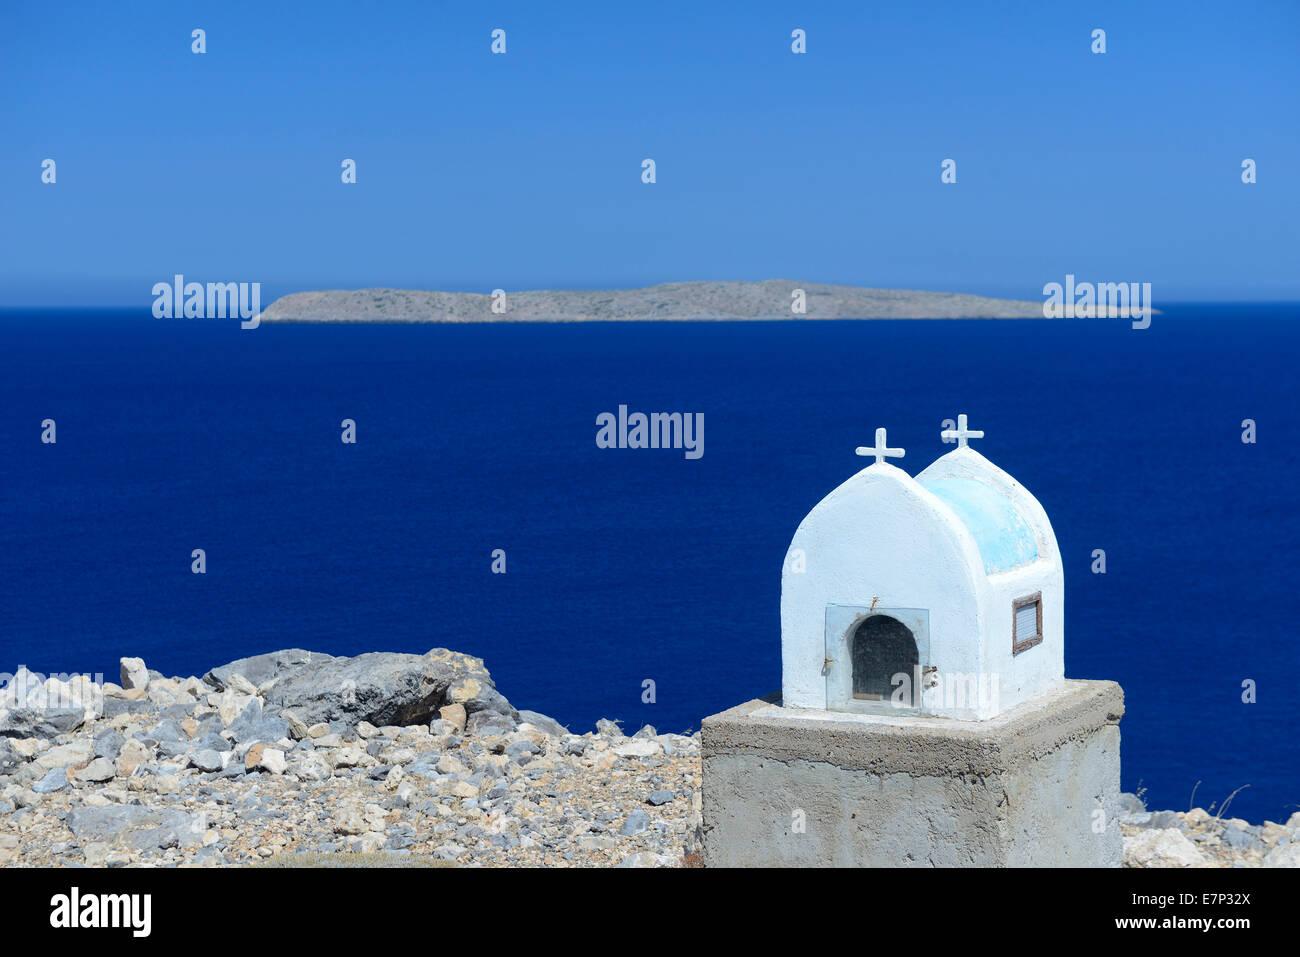 L'Europe, grèce, grec, la Crète, la Méditerranée, l'île, Itanos, Plage, église, Photo Stock